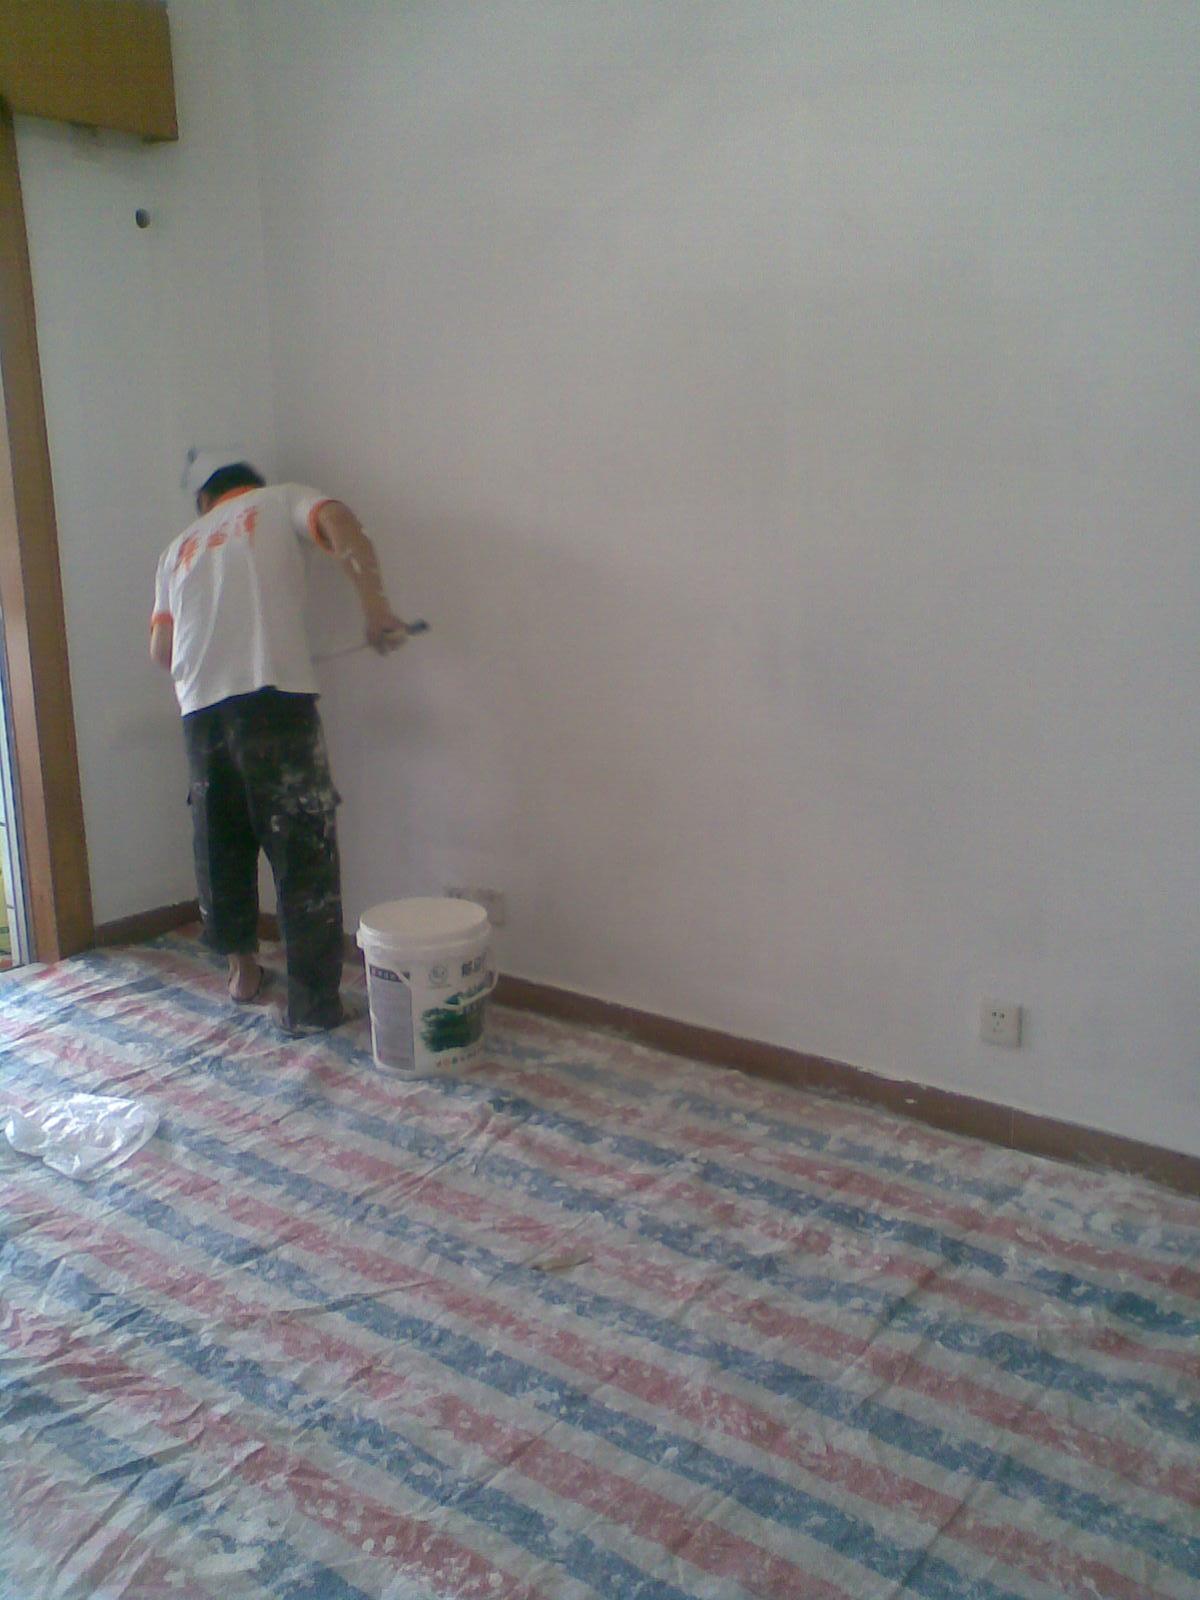 > 专业家具木器油漆施工,旧家具翻新改色,木地板机器打磨上油漆.